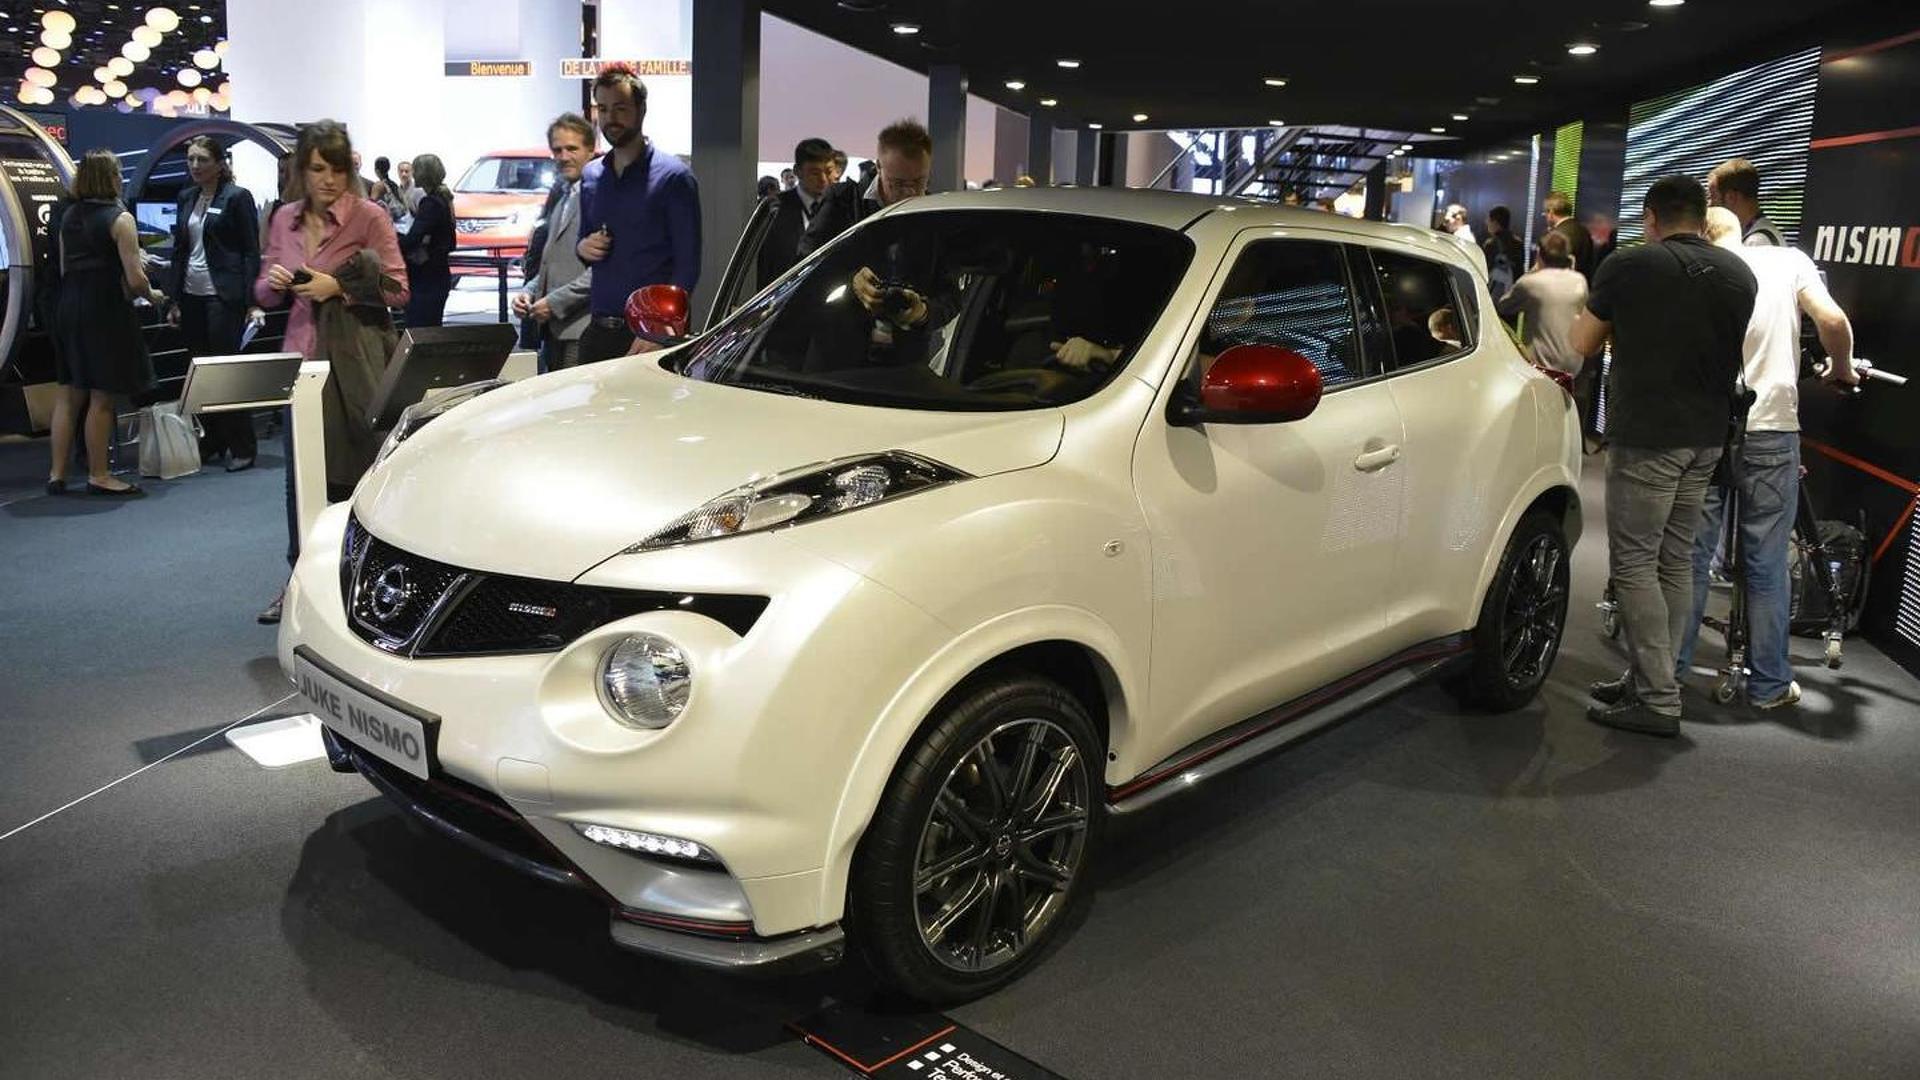 Nissan Juke Nismo debuts at Paris Motor Show